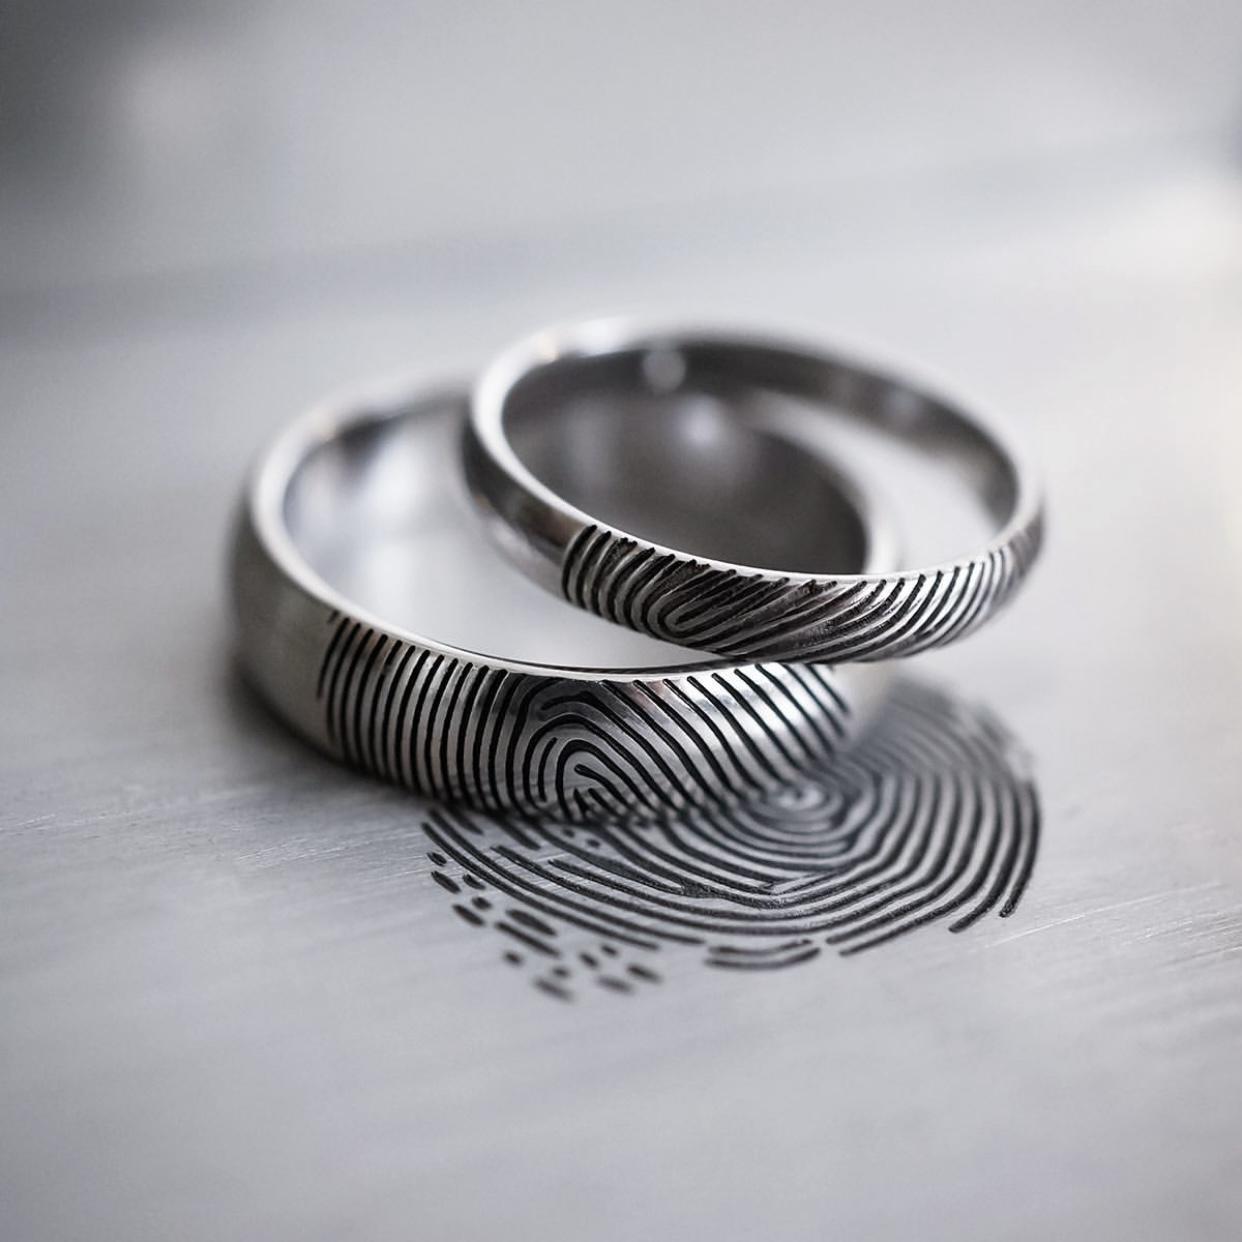 囚人カスタムアクセサリーオリジナルハンドメイドシルバーの指紋リングカップルのペアリングのシンプルな高級感